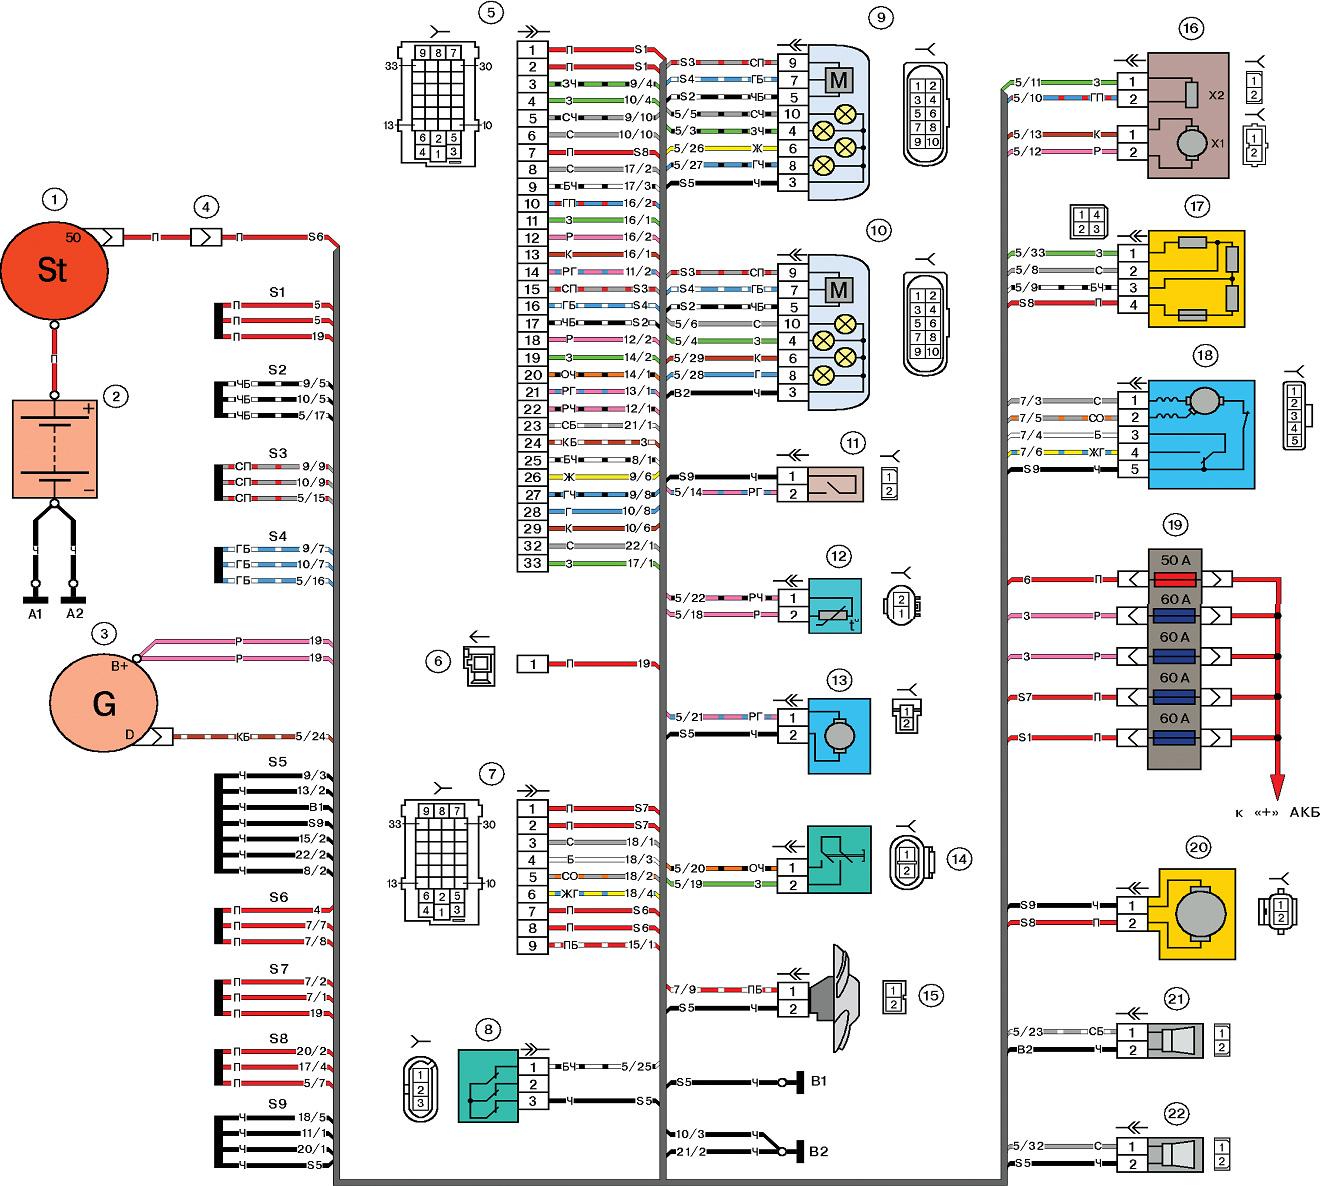 lada 2170 3 - Схема проводки приора хэтчбек